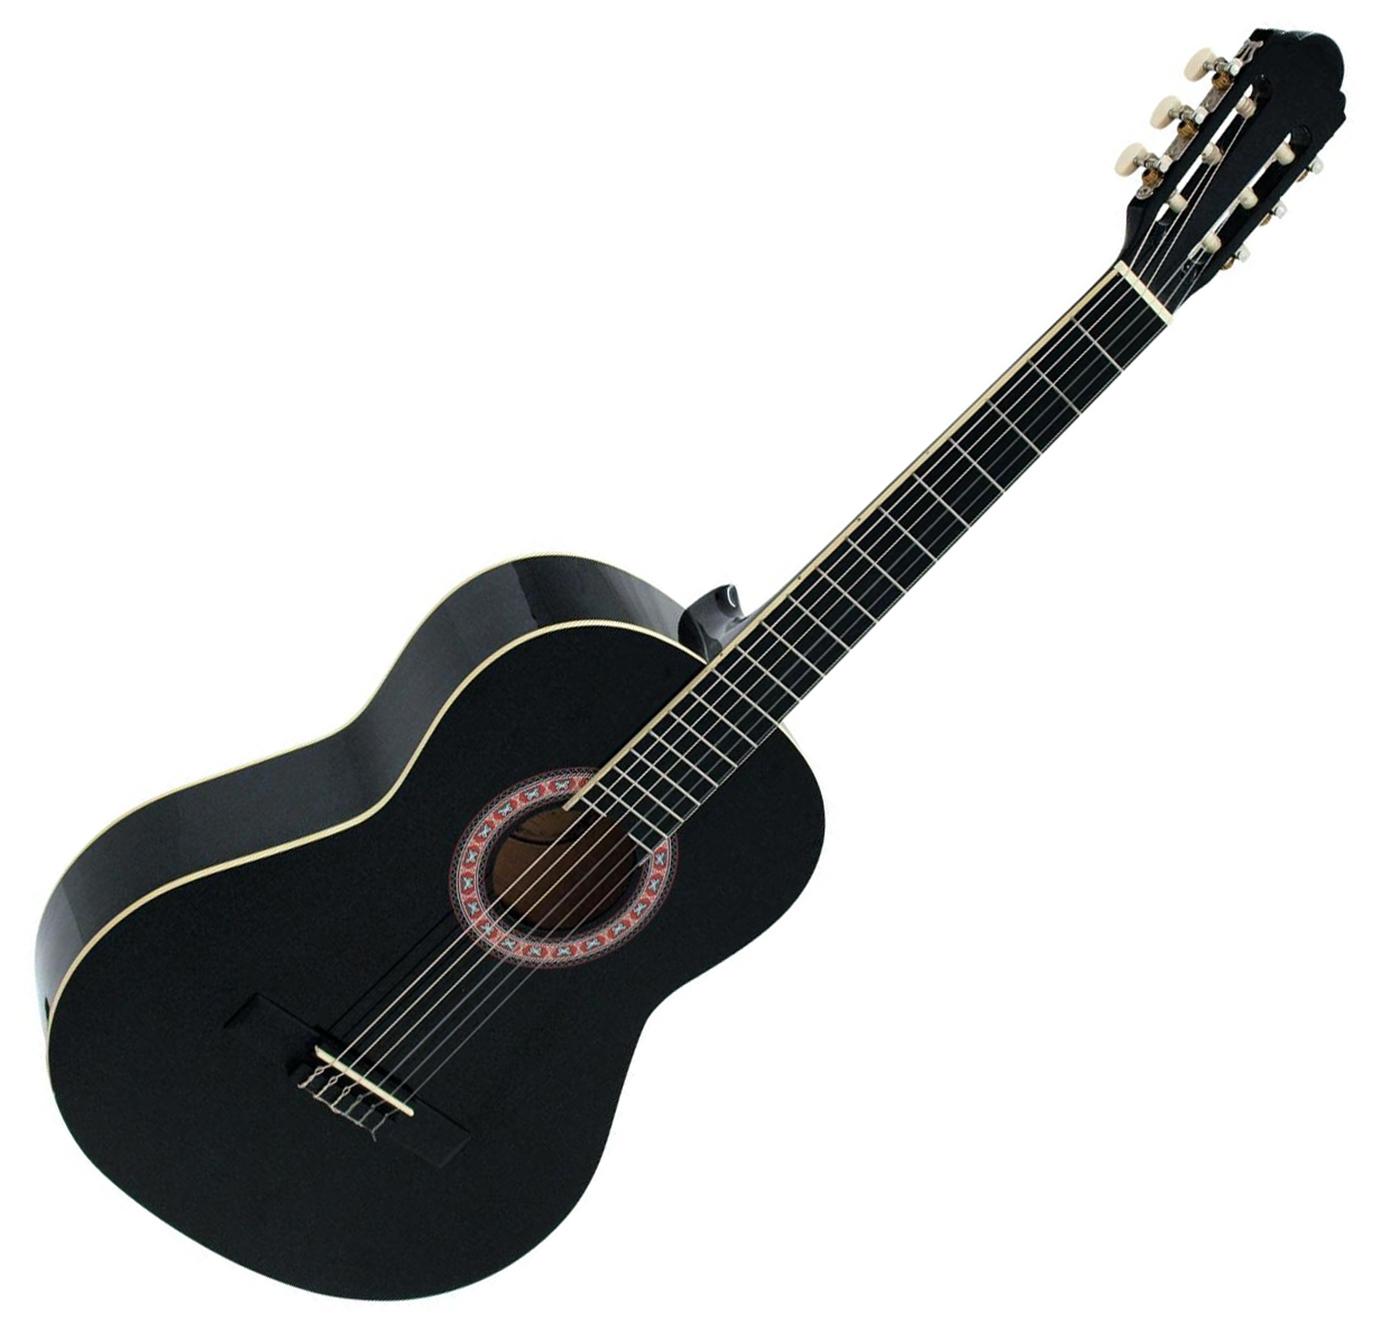 DiMavery AC-303 klassisk spansk guitar 4/4, Sort